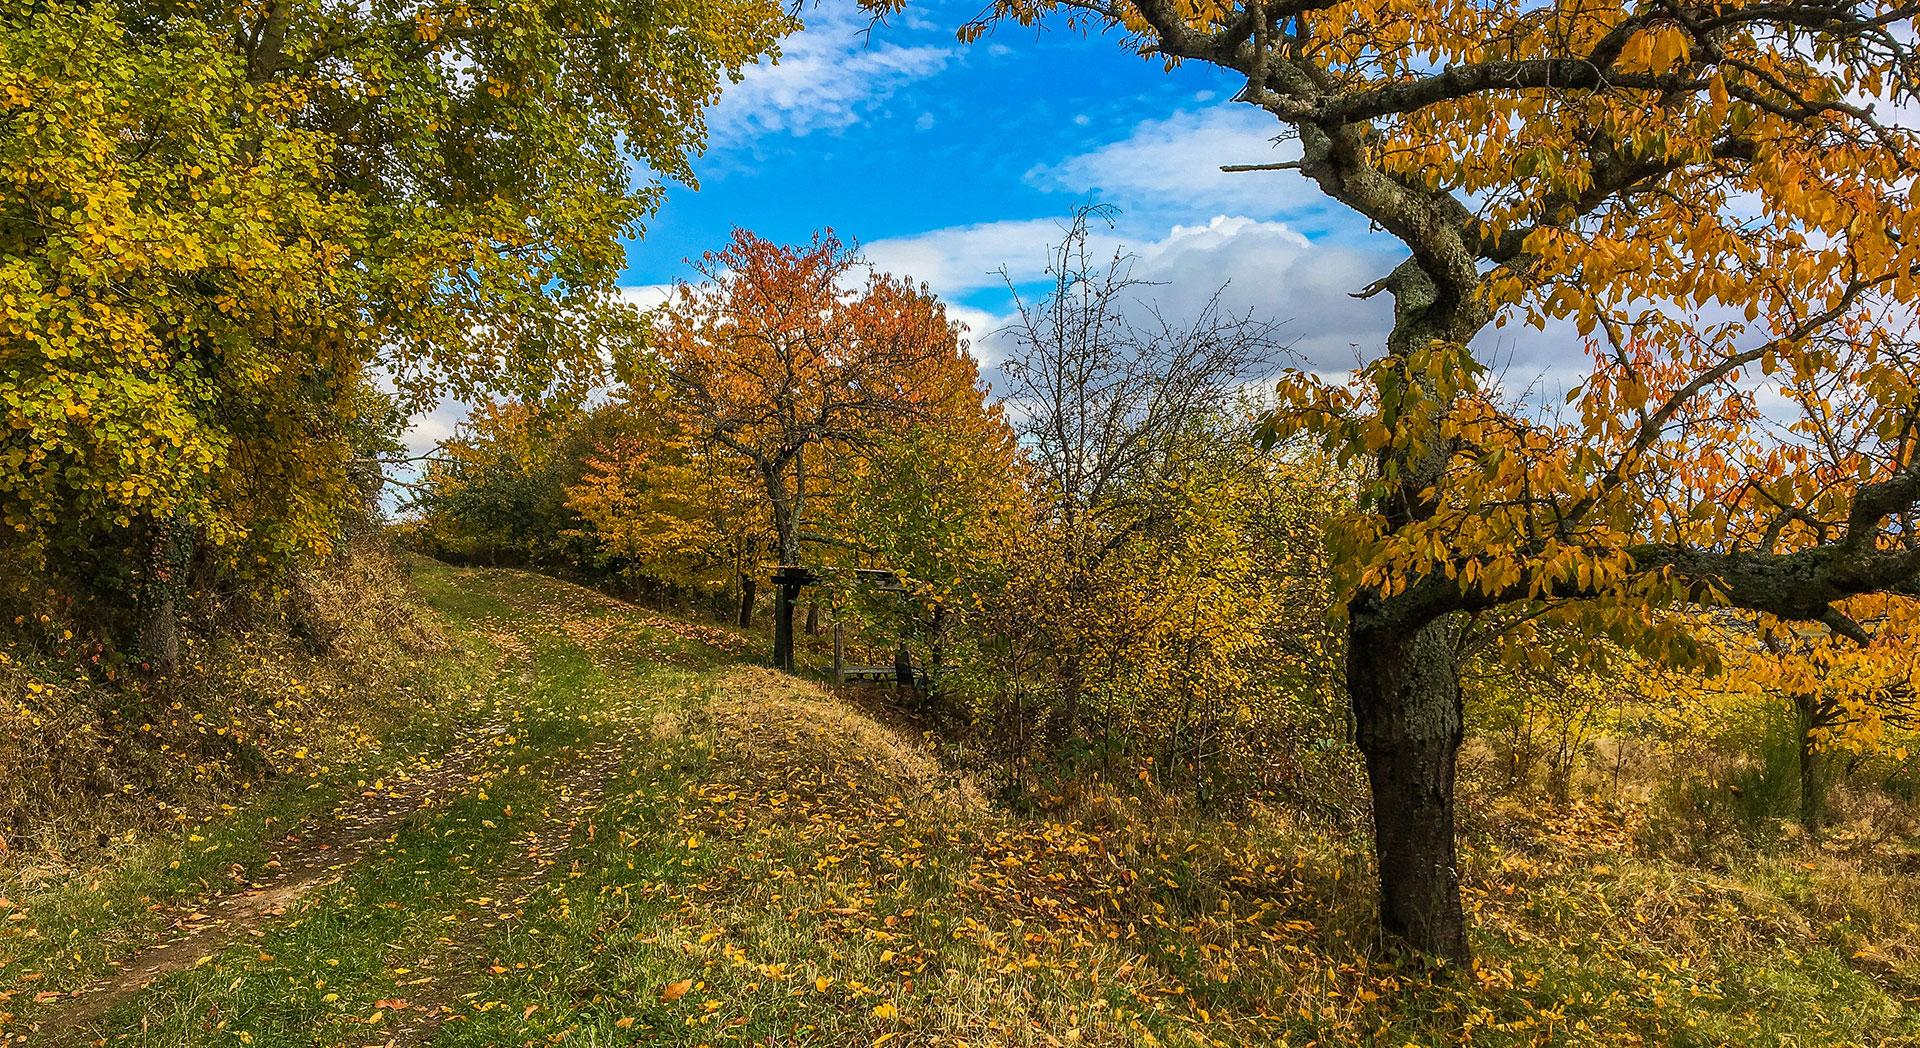 Herbst_2016_iphone